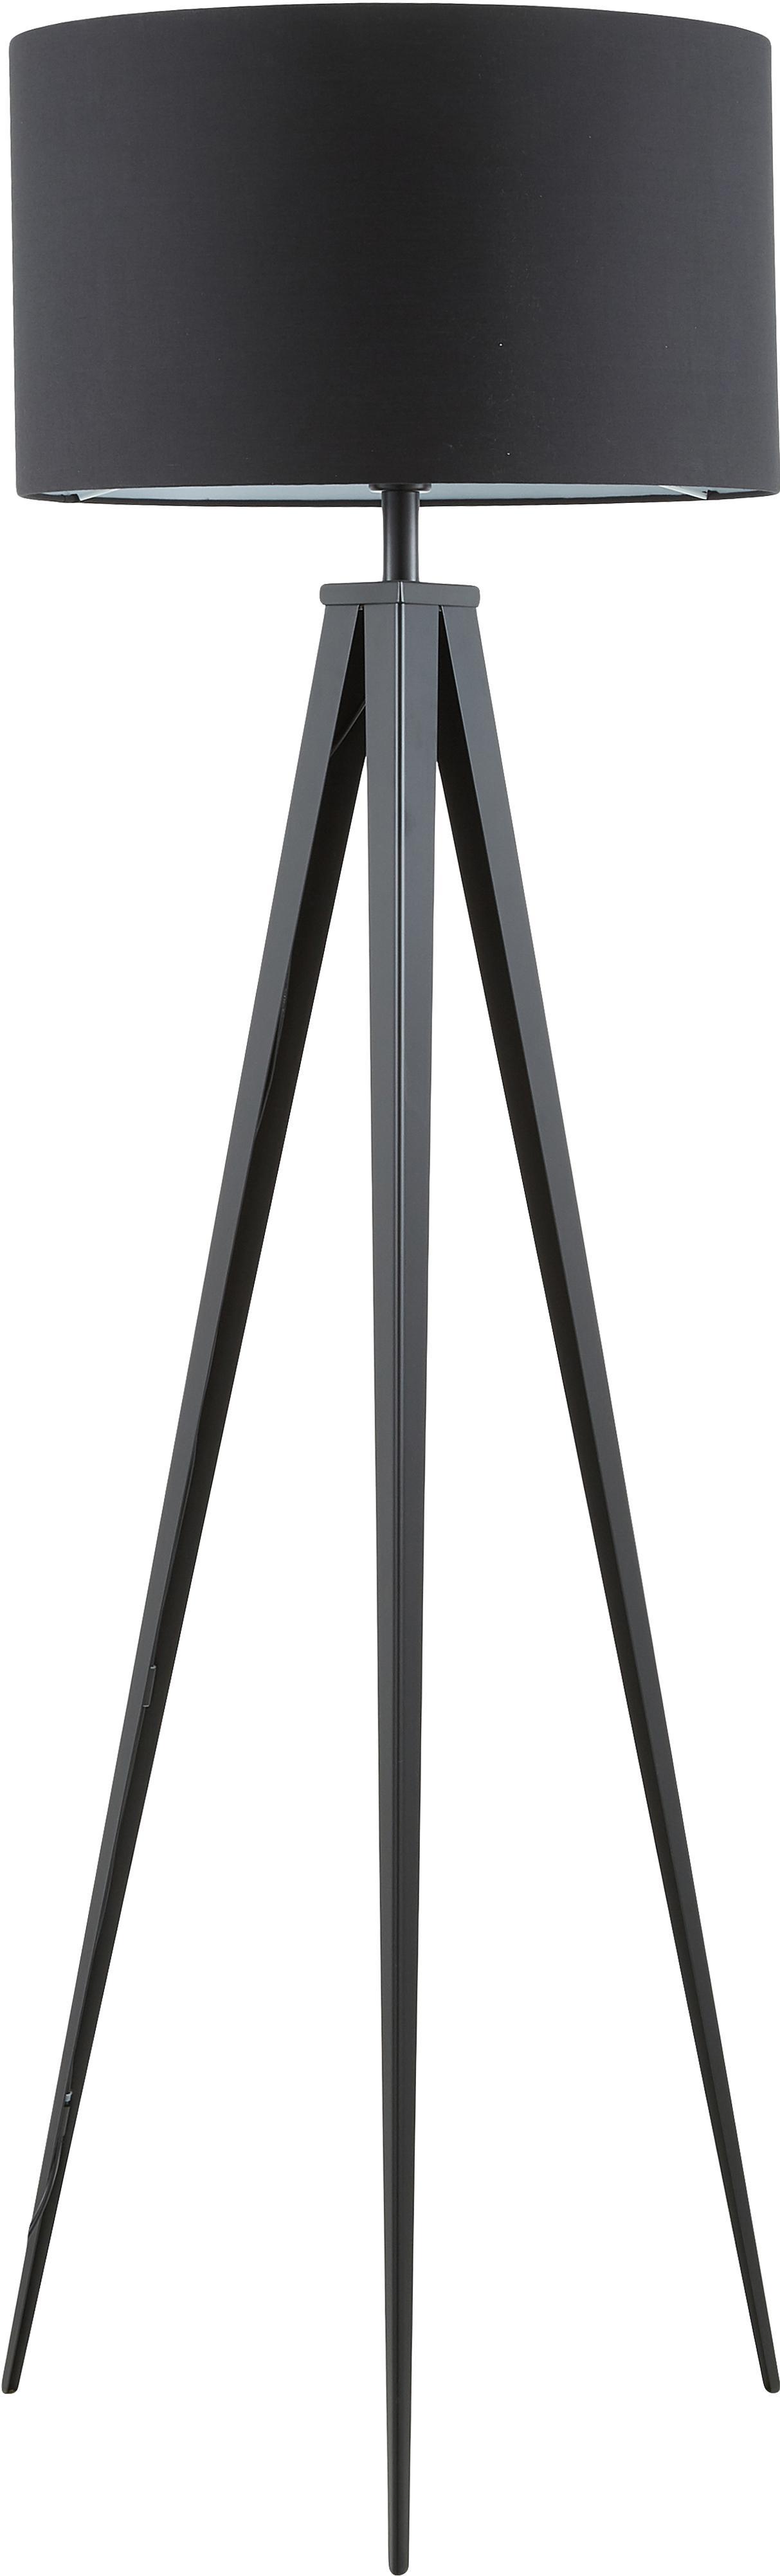 Tripod Stehlampe Jake mit Metallfuss, Lampenschirm: Textil, Lampenschirm: SchwarzLampenfuss: Mattschwarz, Ø 50 x H 158 cm